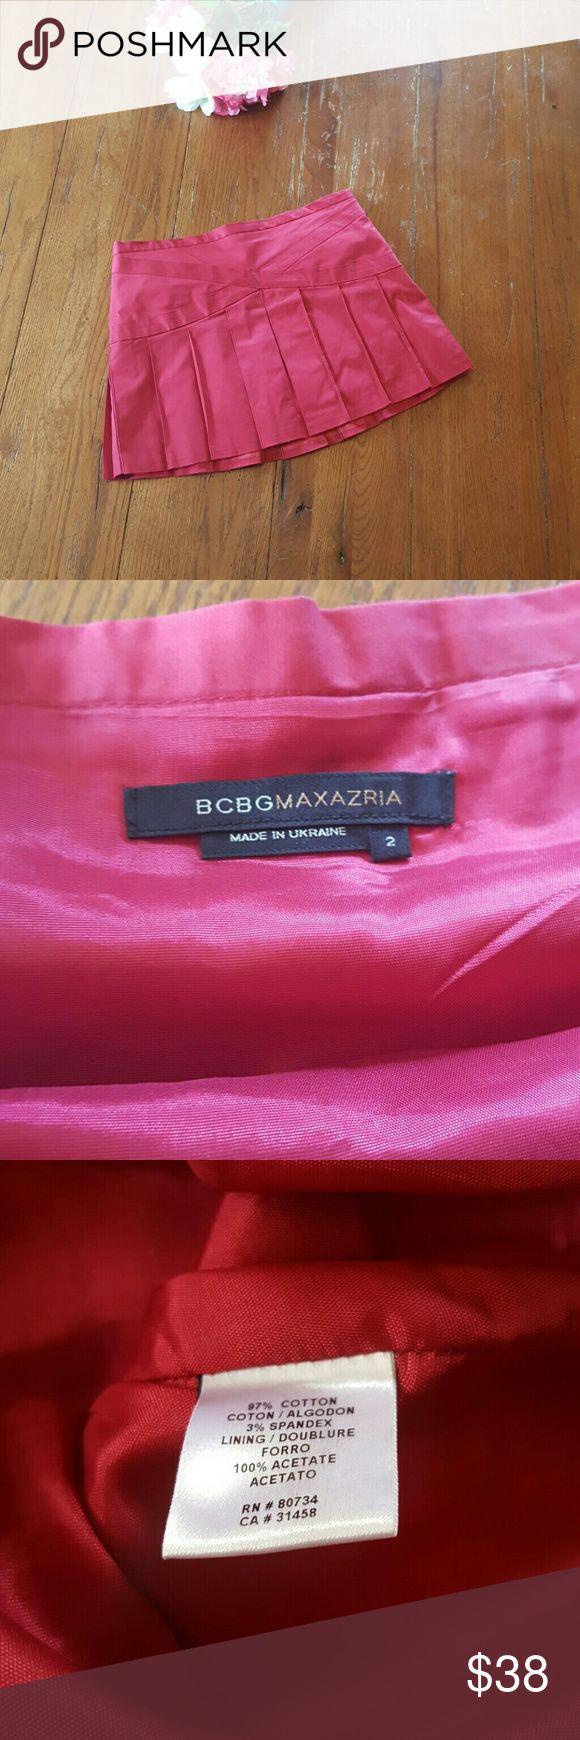 """[BCBGMAXAZRIA] Skirt Brand: BCBGMAXAZRIA  Size: 2 Measurements: Length - 13"""" BCBGMaxAzria Skirts Mini"""